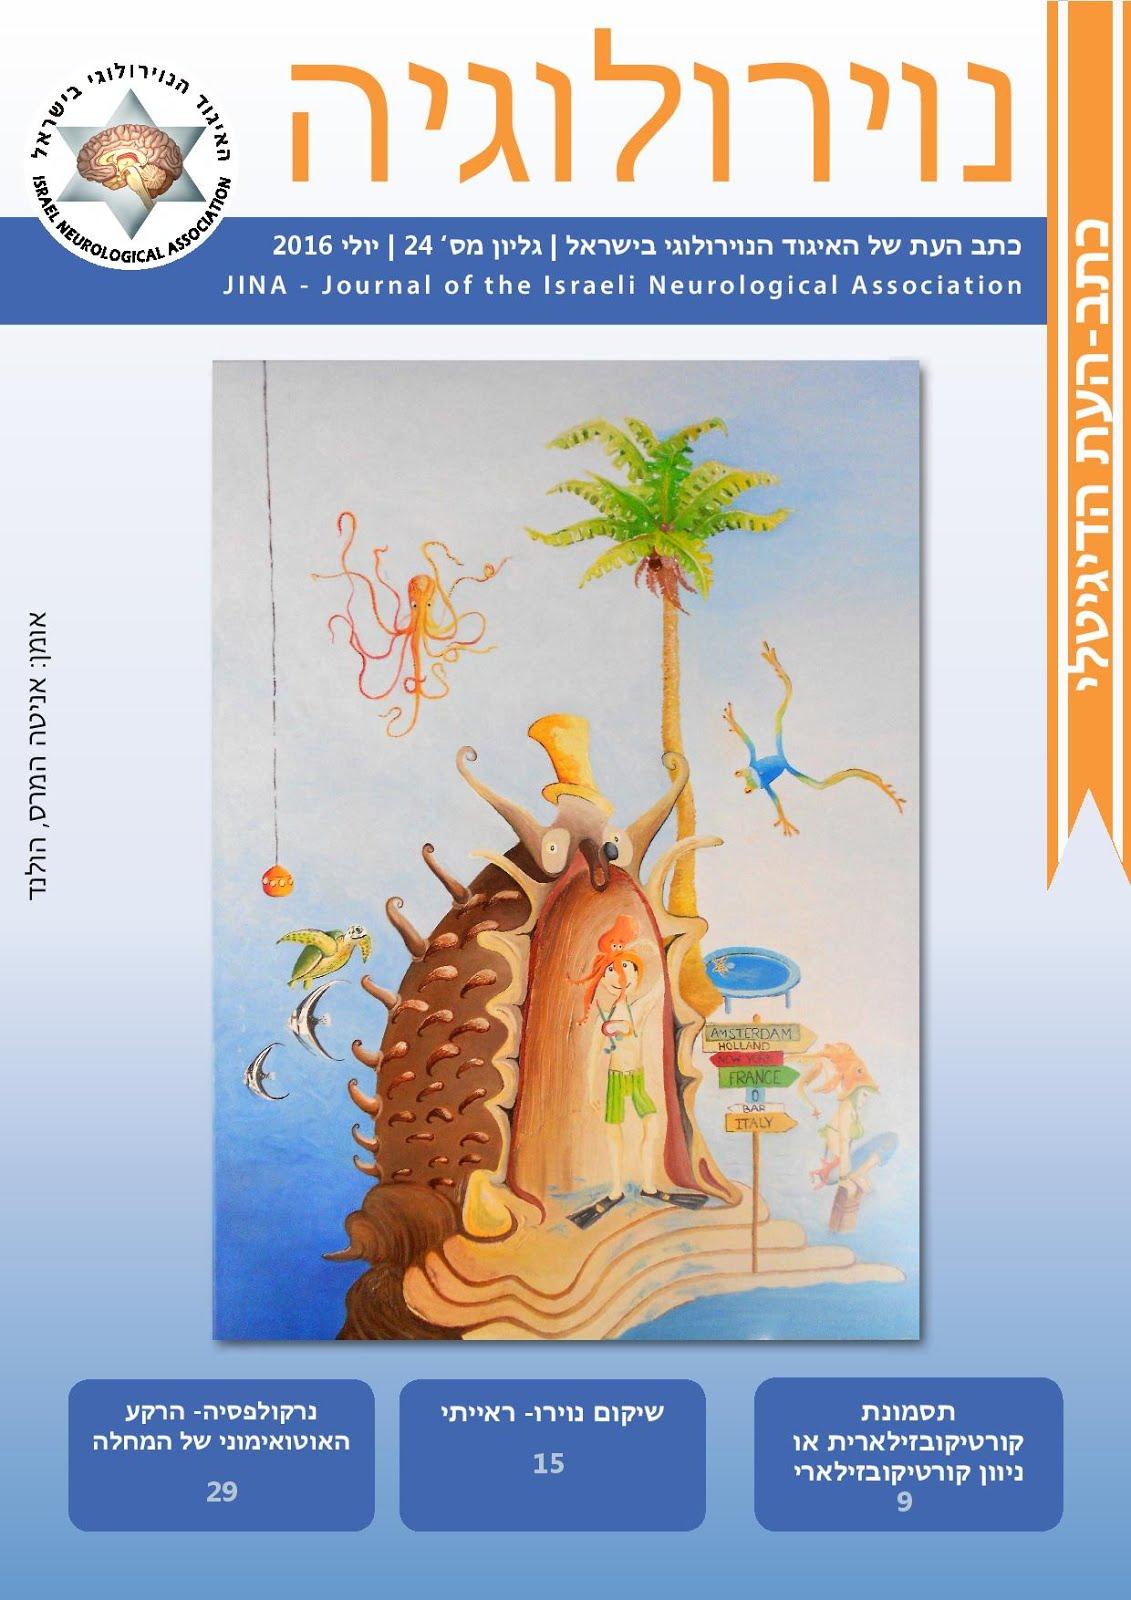 """""""נוירולוגיה - כתב העת של האיגוד הנוירולוגי בישראל"""" גיליון 24, יולי 2016"""